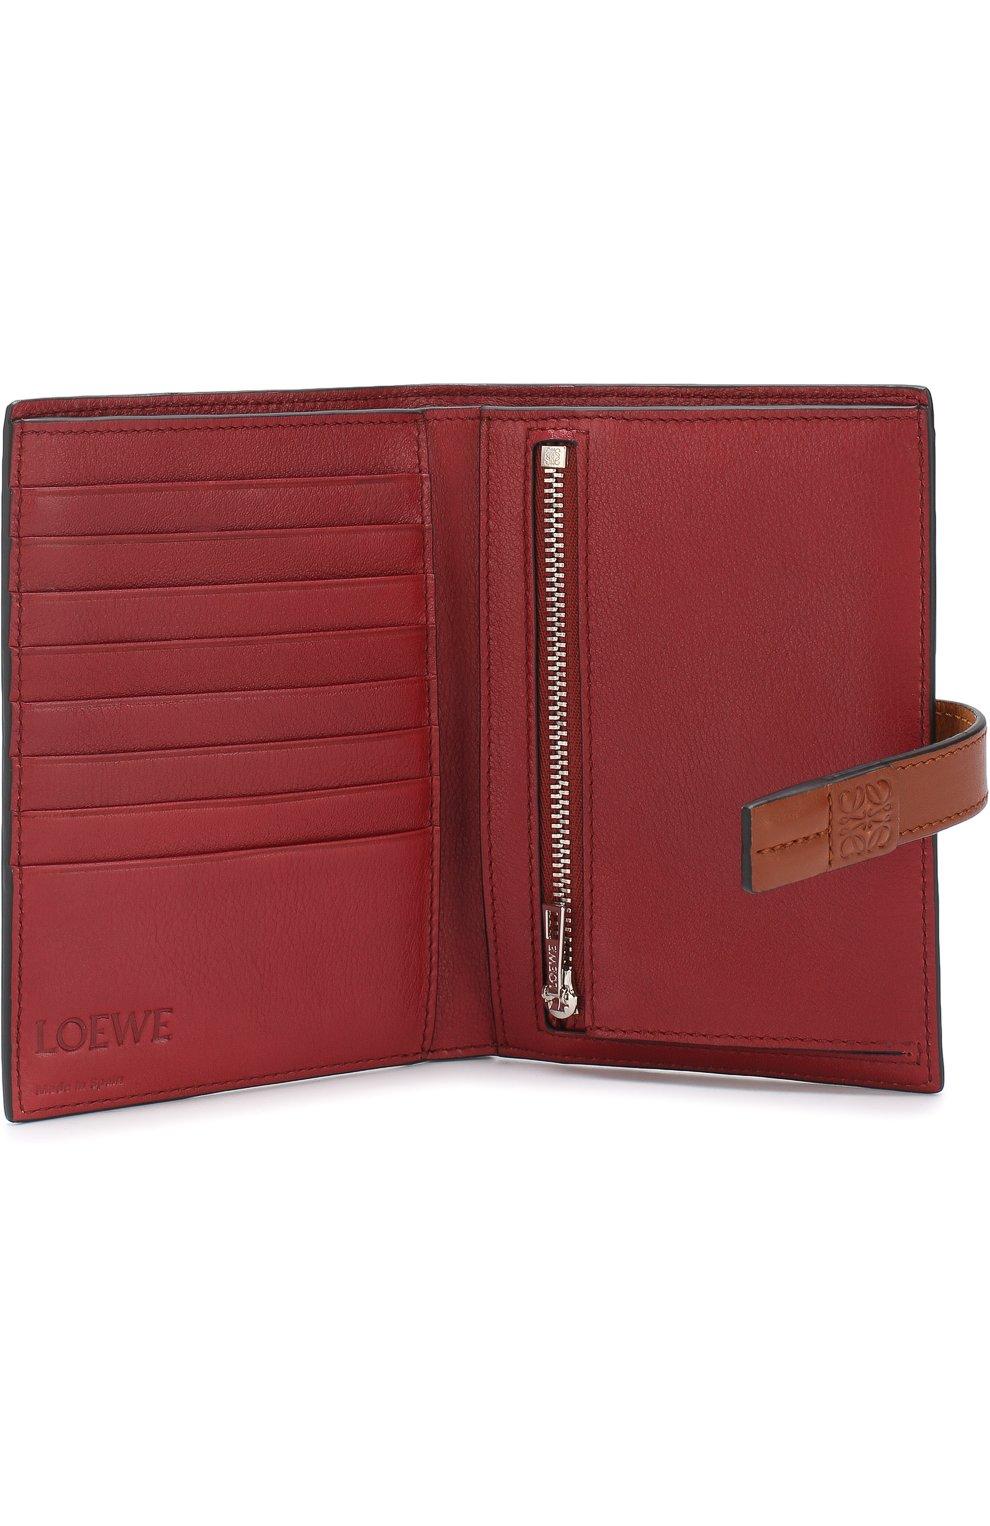 Кожаный кошелек с отделениями для кредитных карт Loewe светло-коричневого цвета | Фото №3